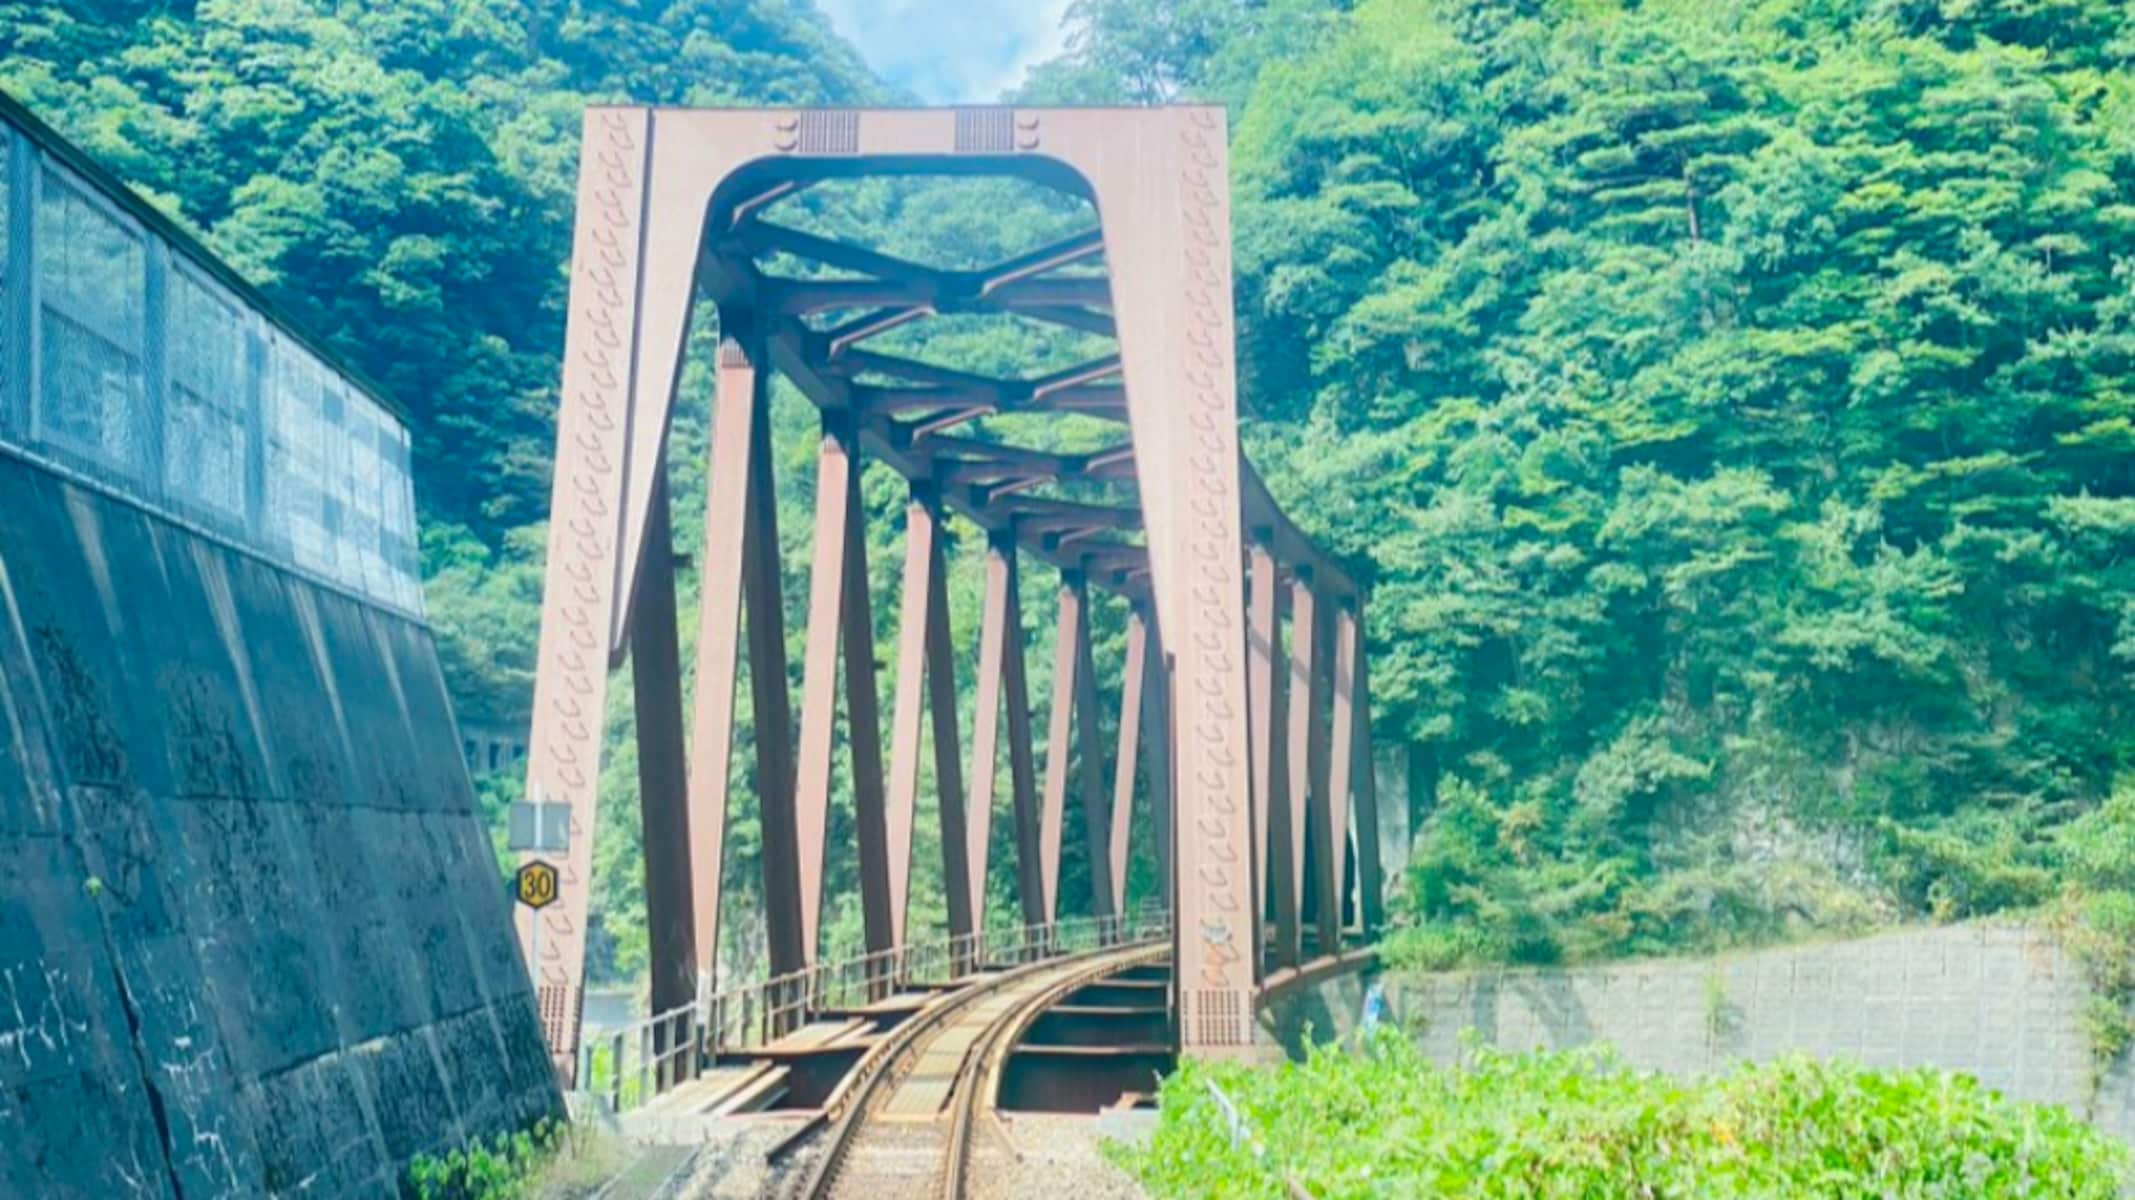 「エモすぎる」まるでアニメーション!新海誠作品に出てきそうな「鉄道」の写真に絶賛の声